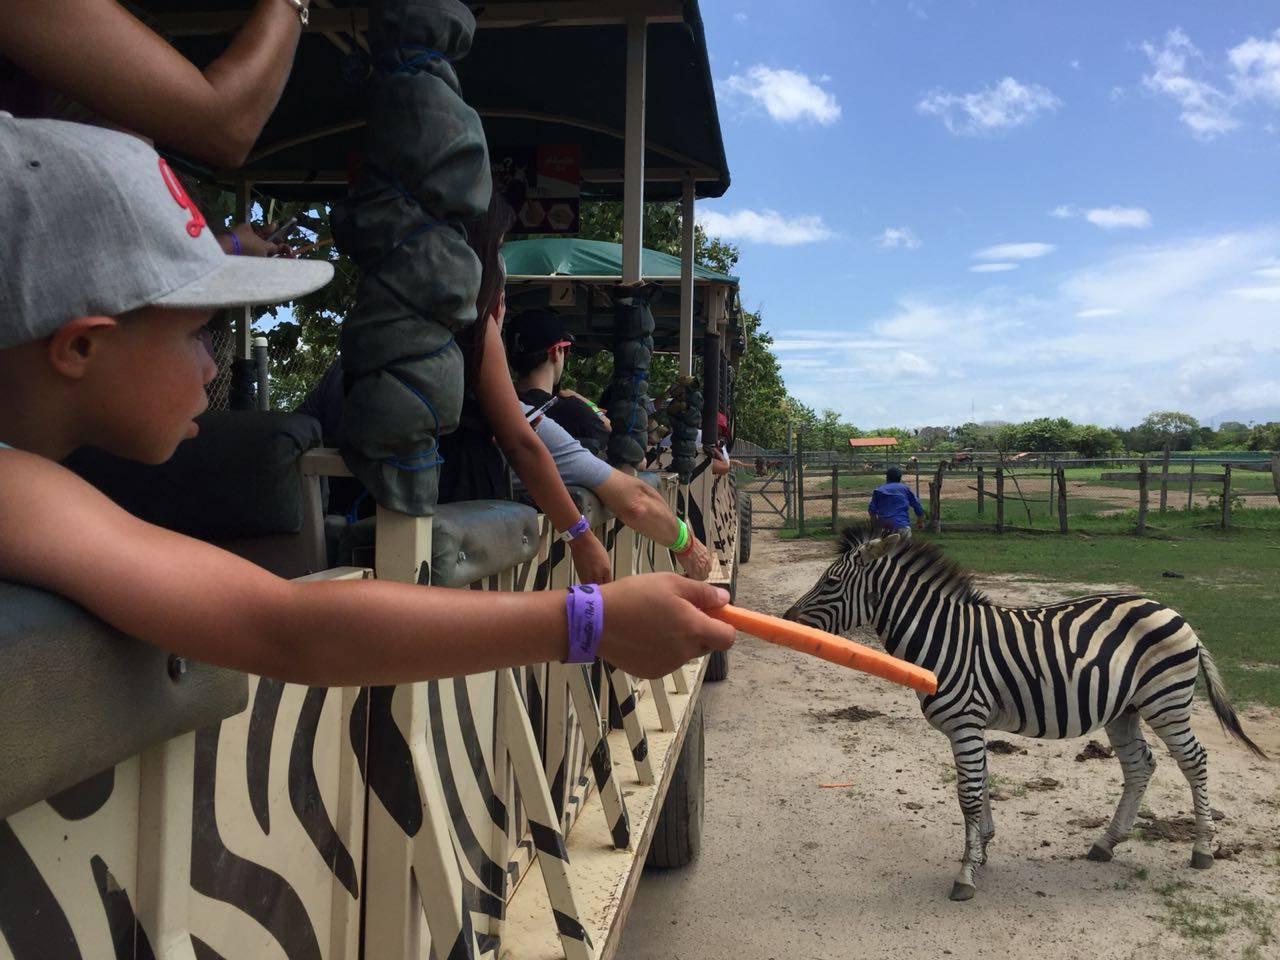 Africa Safari Adventure Park Day - Tour Guanacaste, bringing Costa